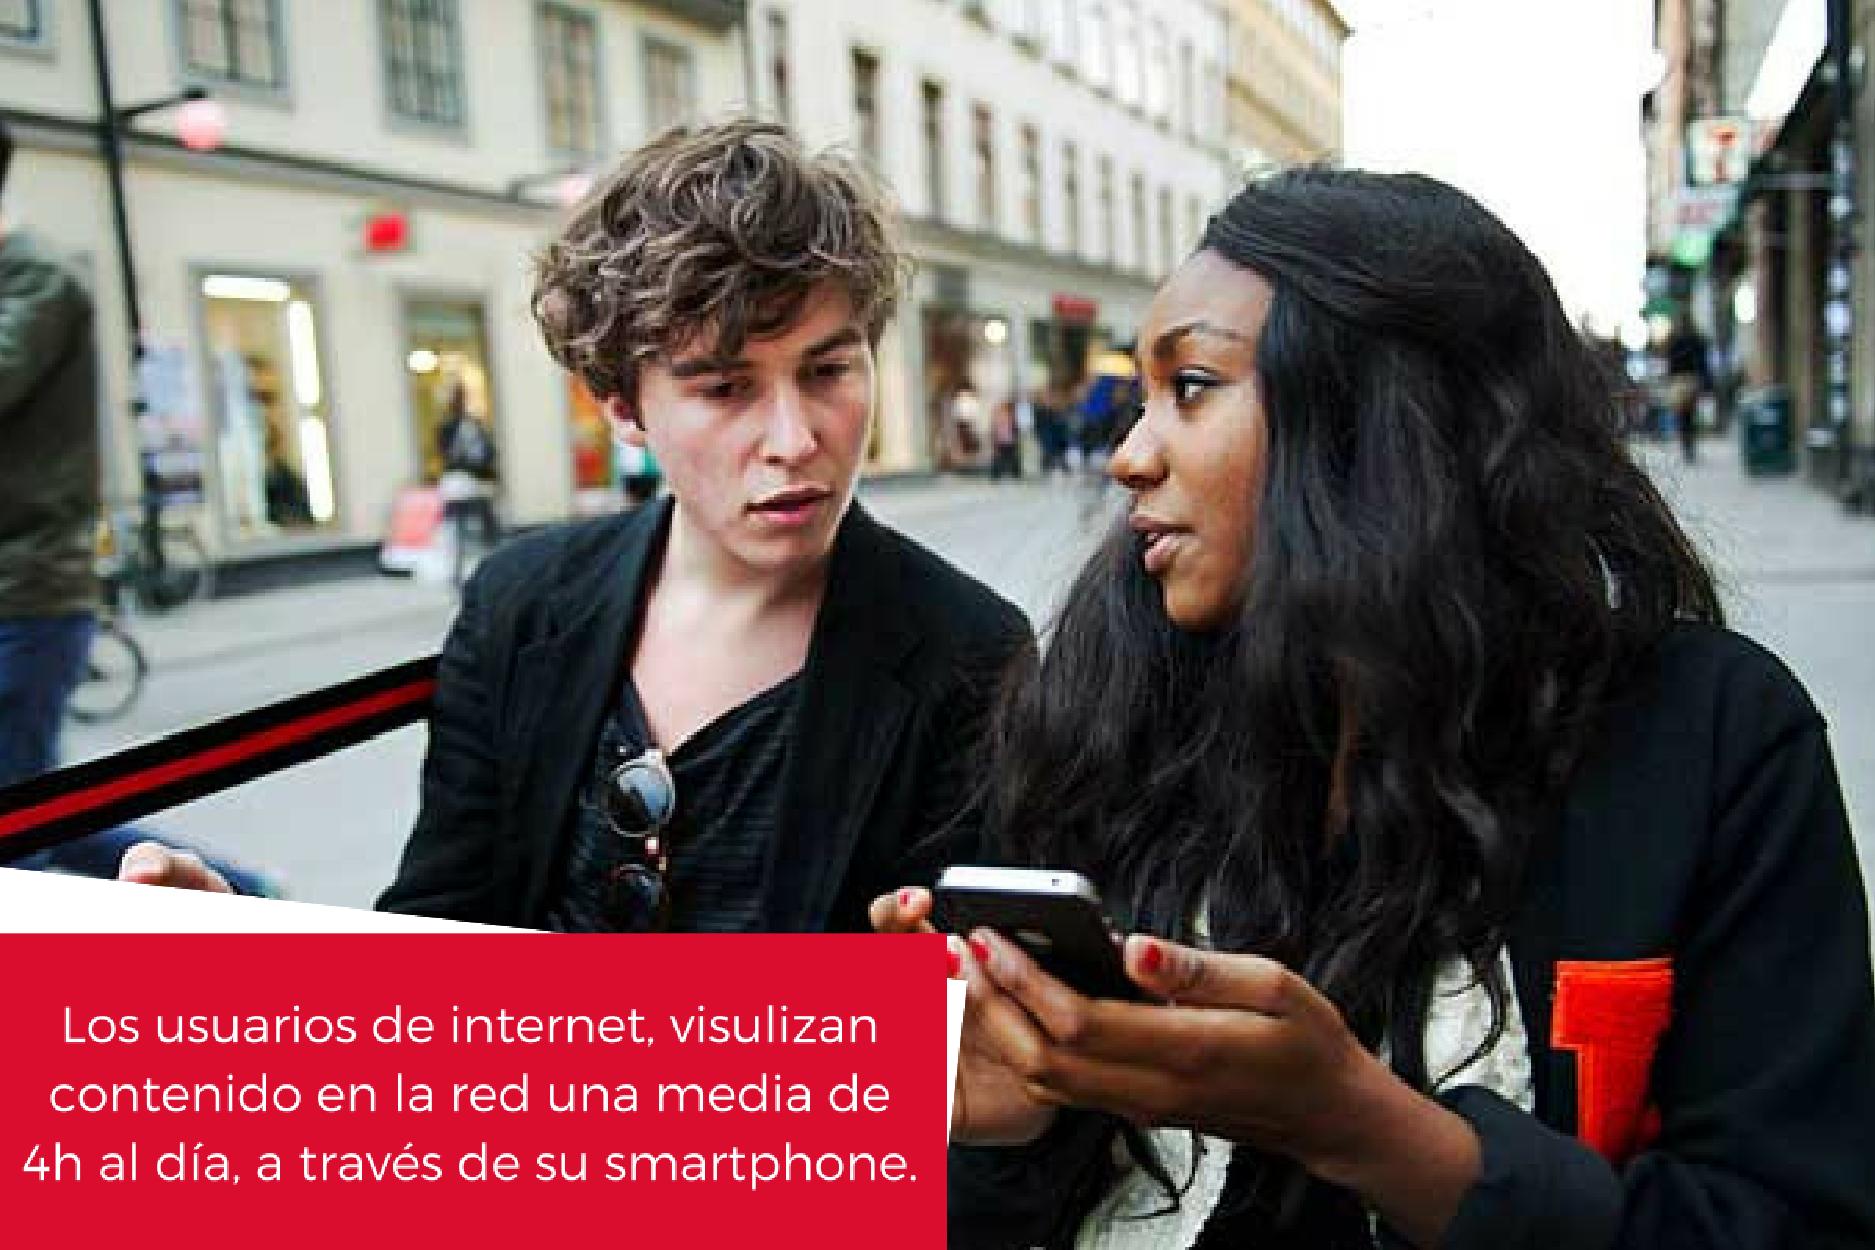 Los-usuarios-de-internet-visulizan-contenido-a-traves-de-su-smartphone.png